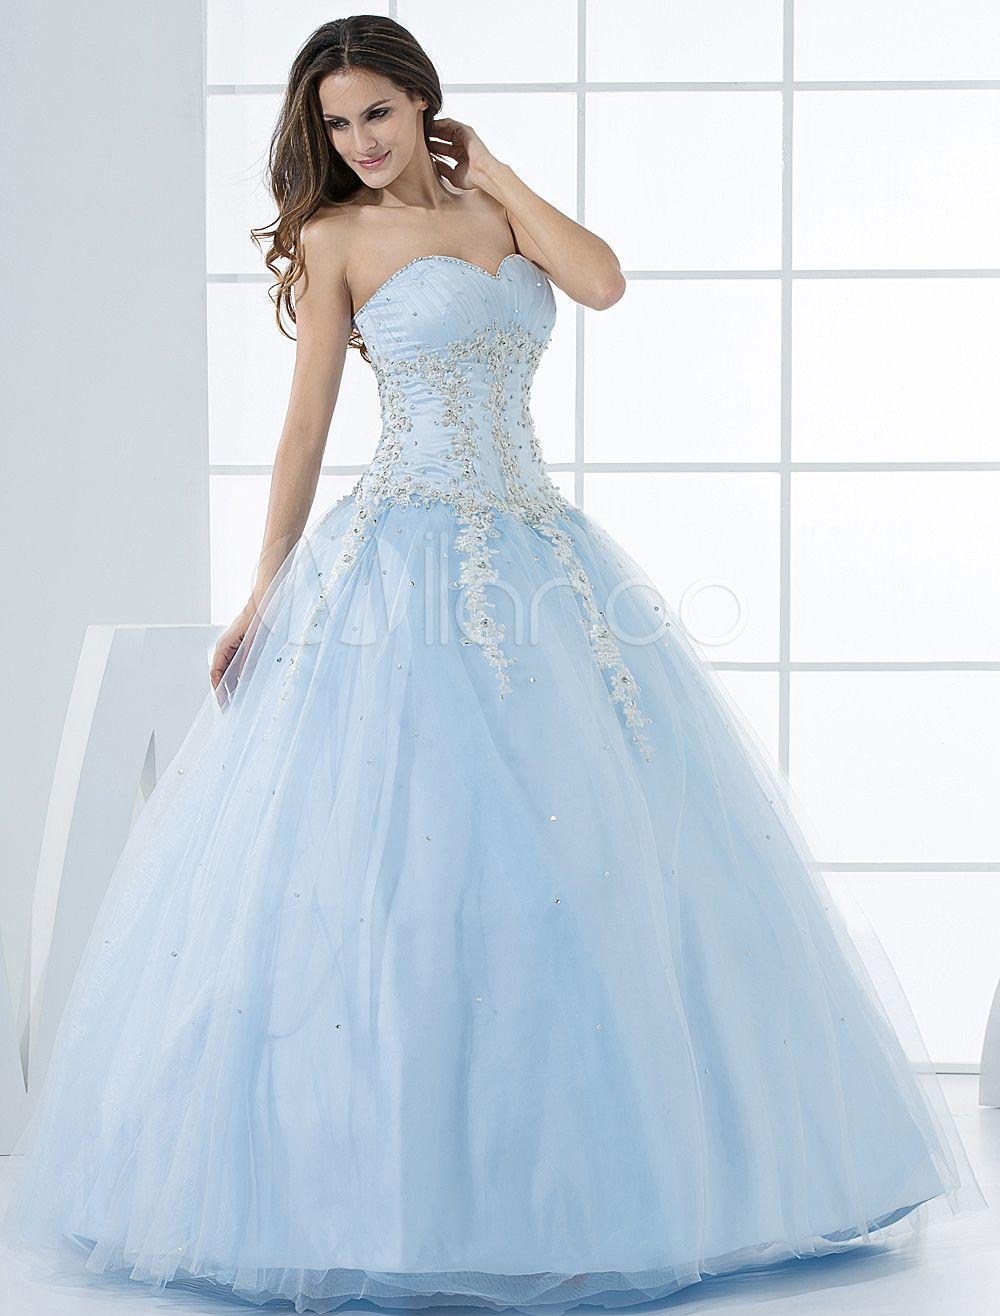 Princess Wedding Dresses Pastel Blue Quinceanera Dress Lace Applique ...